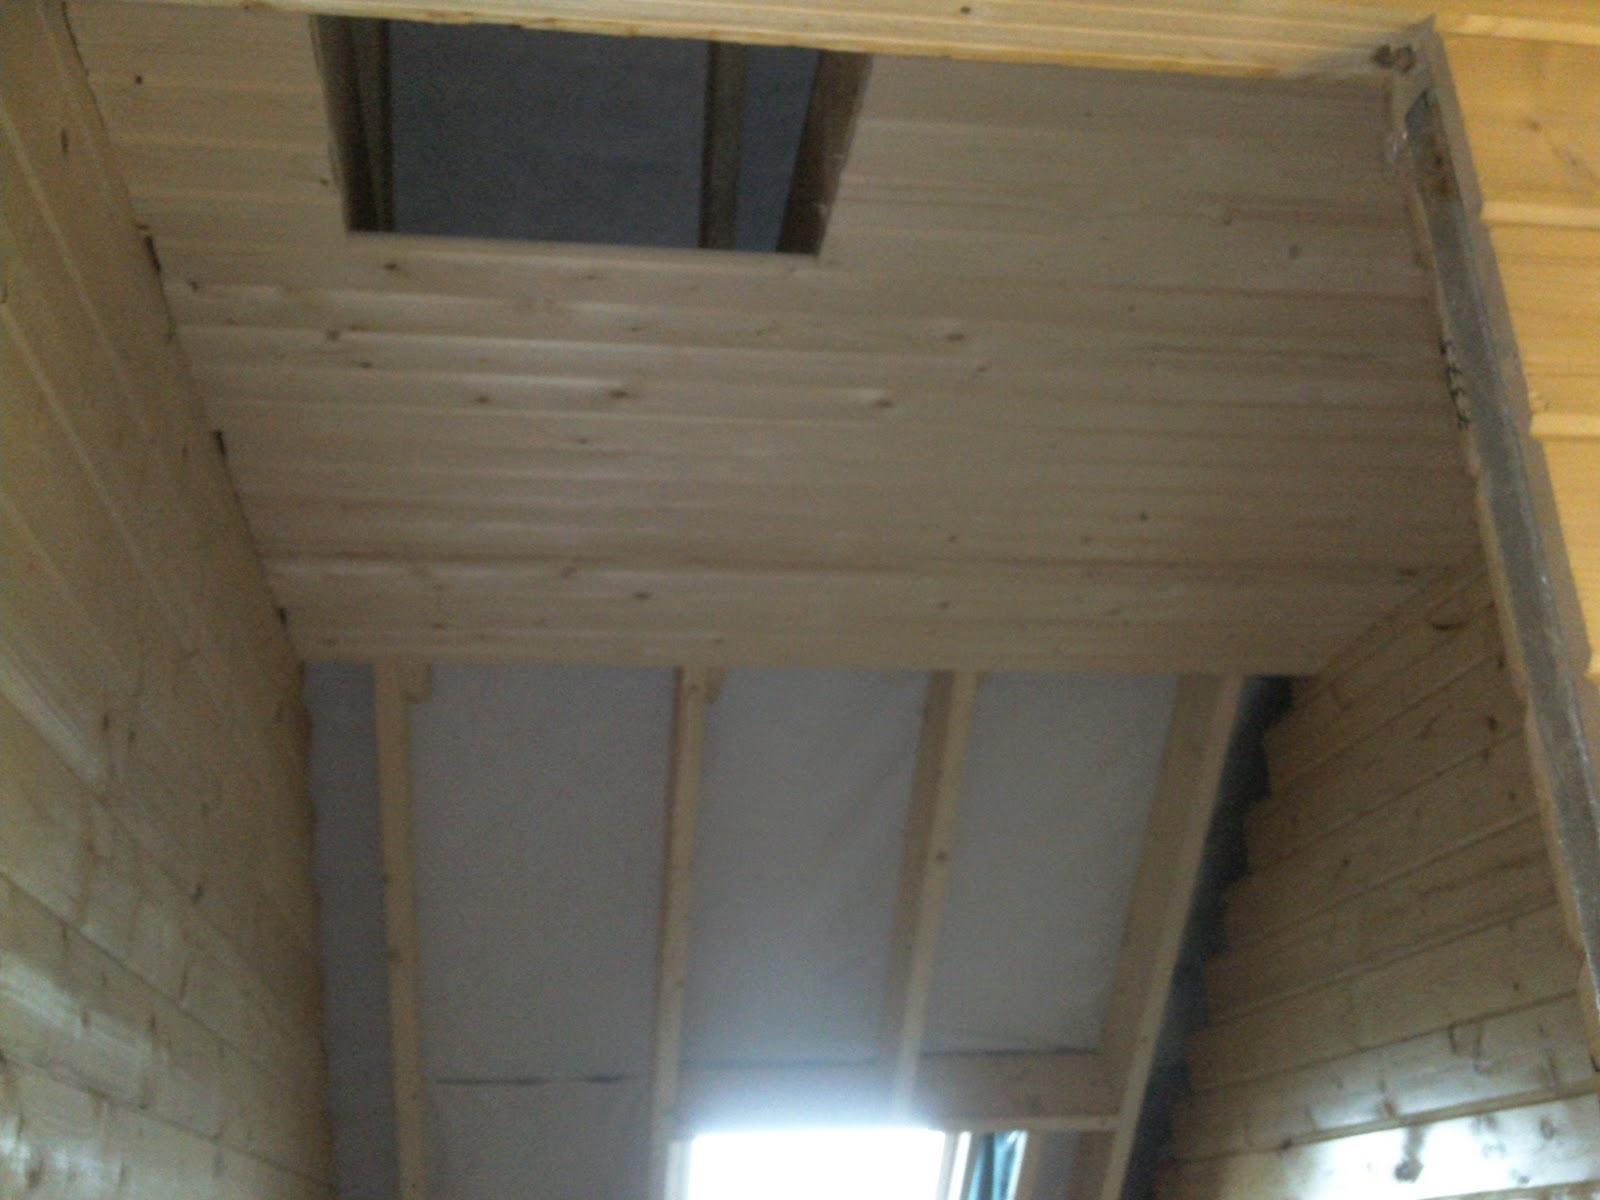 toit et bois 19 novembre montage lambris plafond chouette